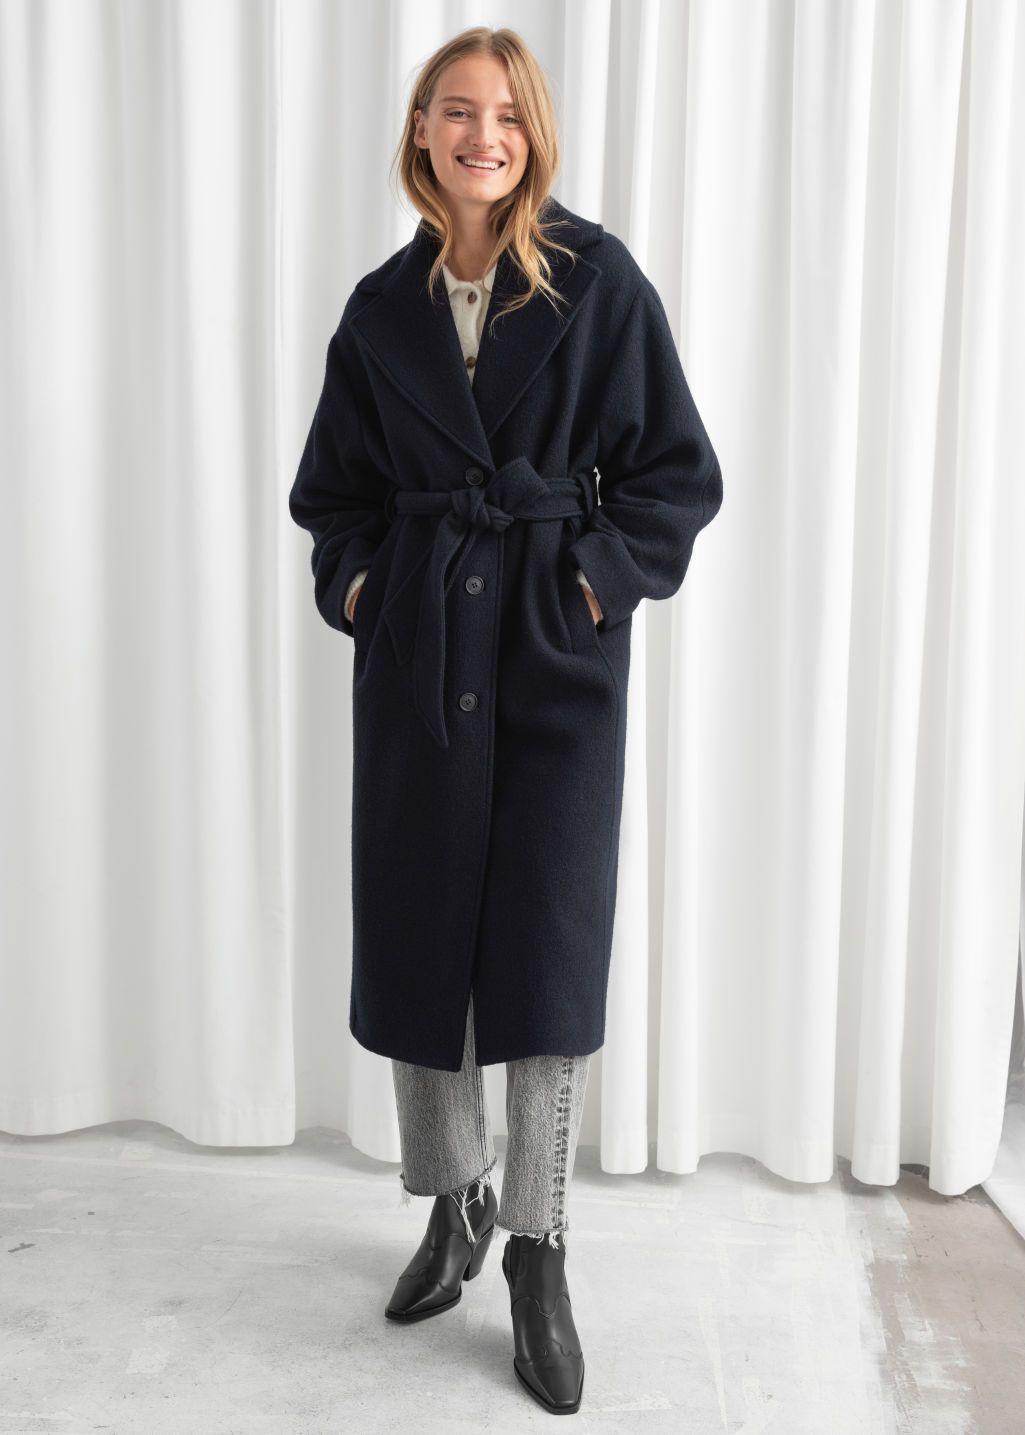 Oversized belted wool coat | Loewe | MATCHESFASHION UK